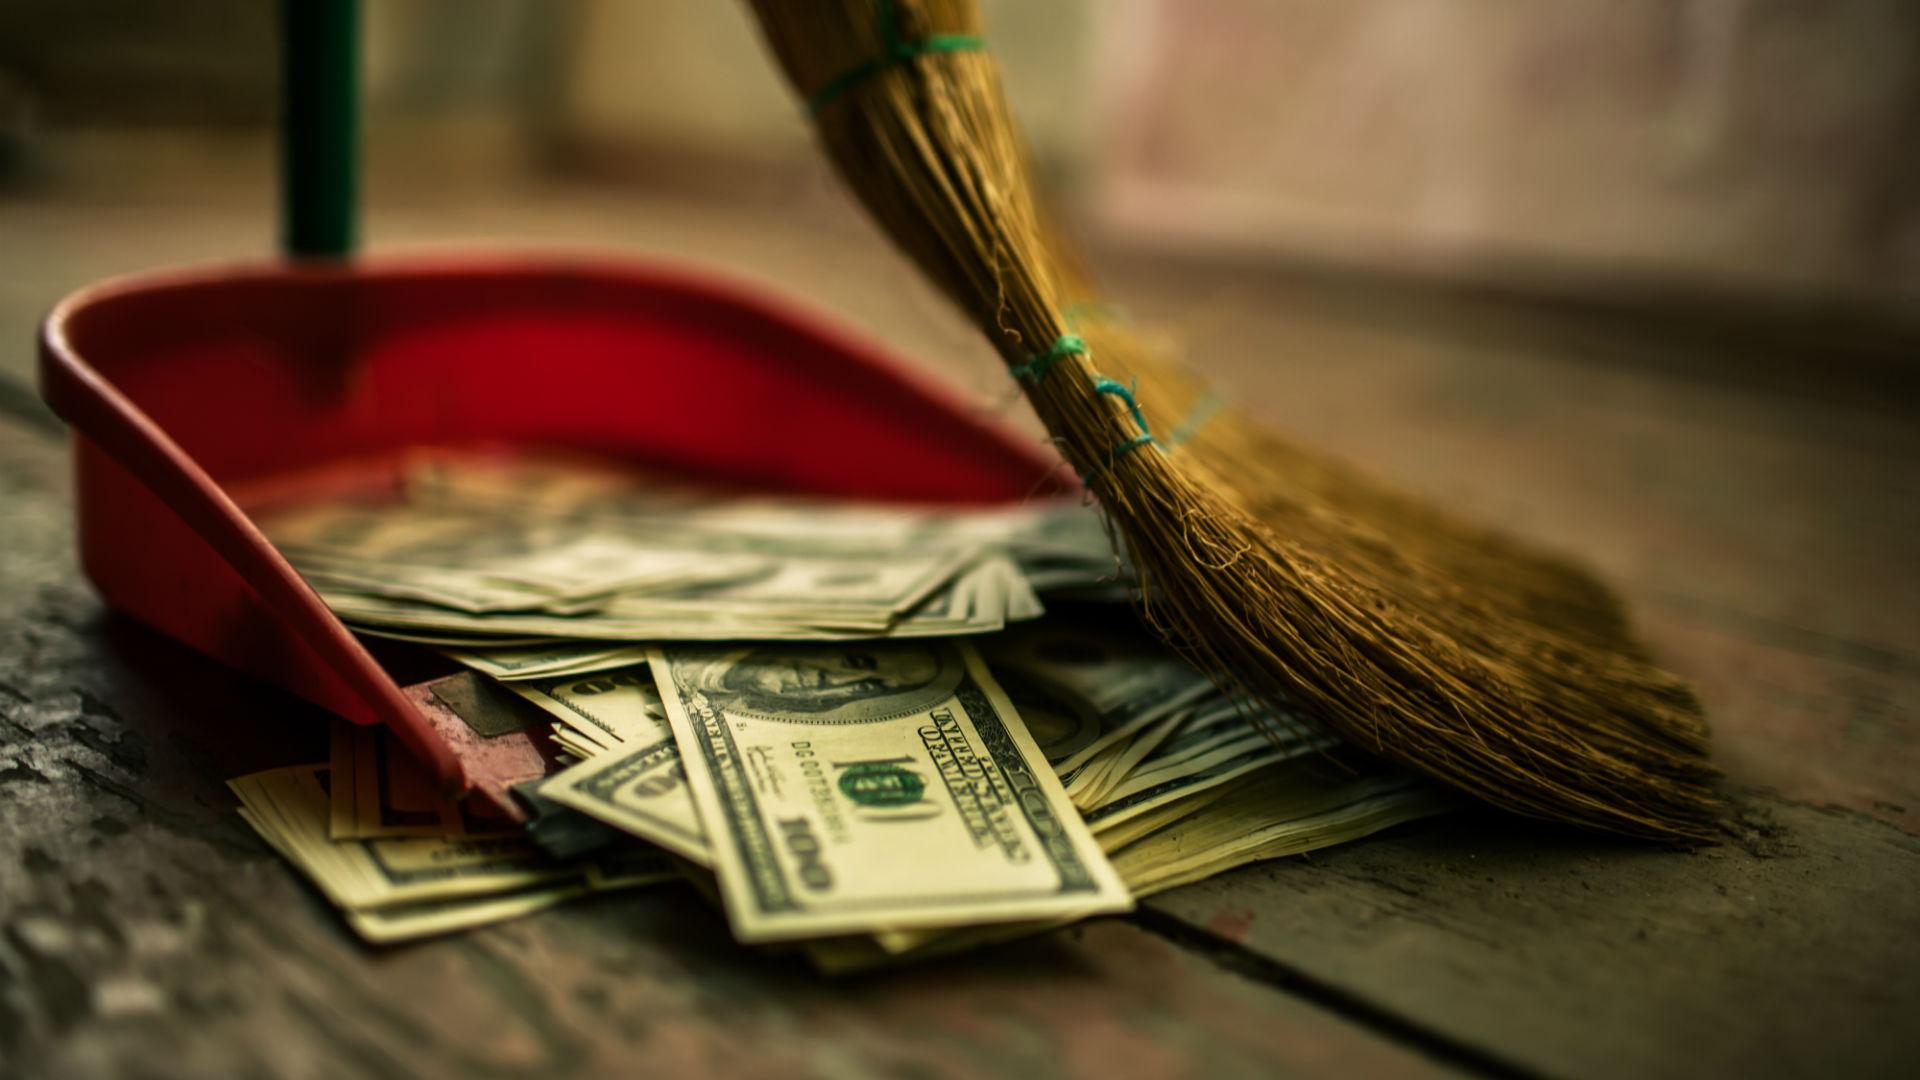 money-garbage-throw-away-ss-1920